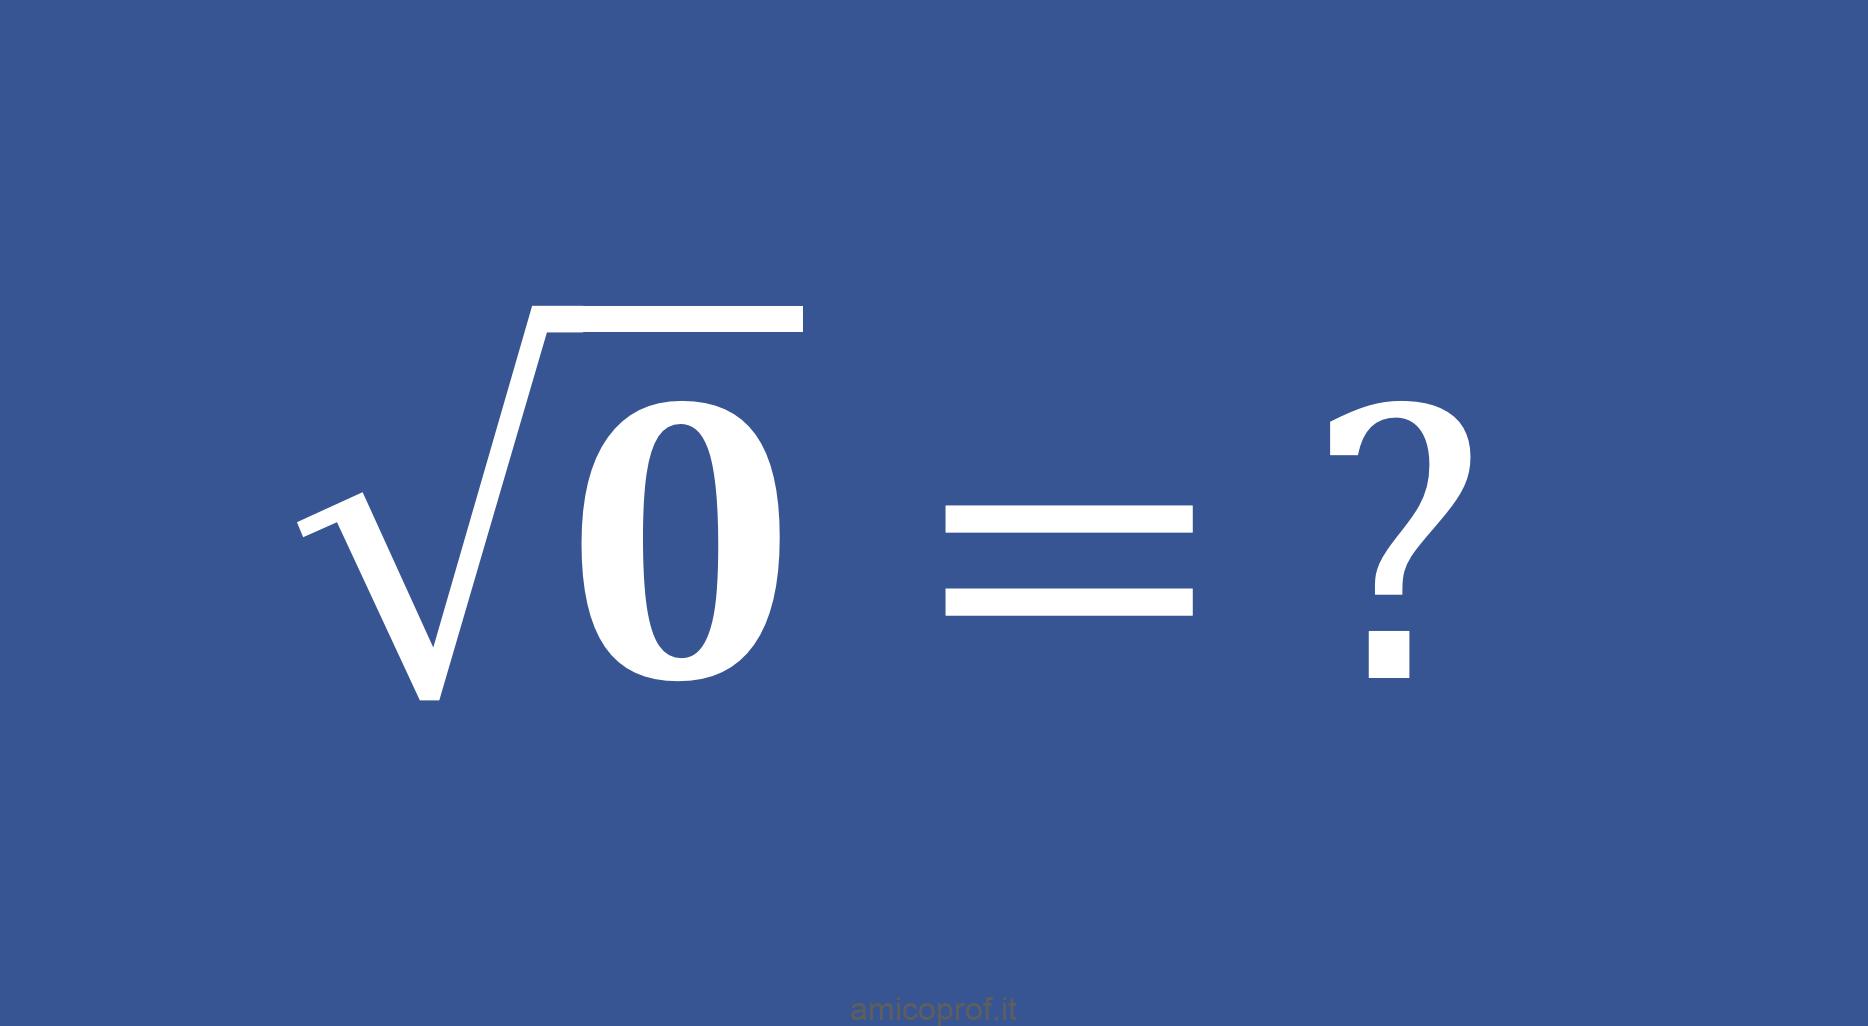 Quanto fa radice di zero? Dubbi da compito in classe.